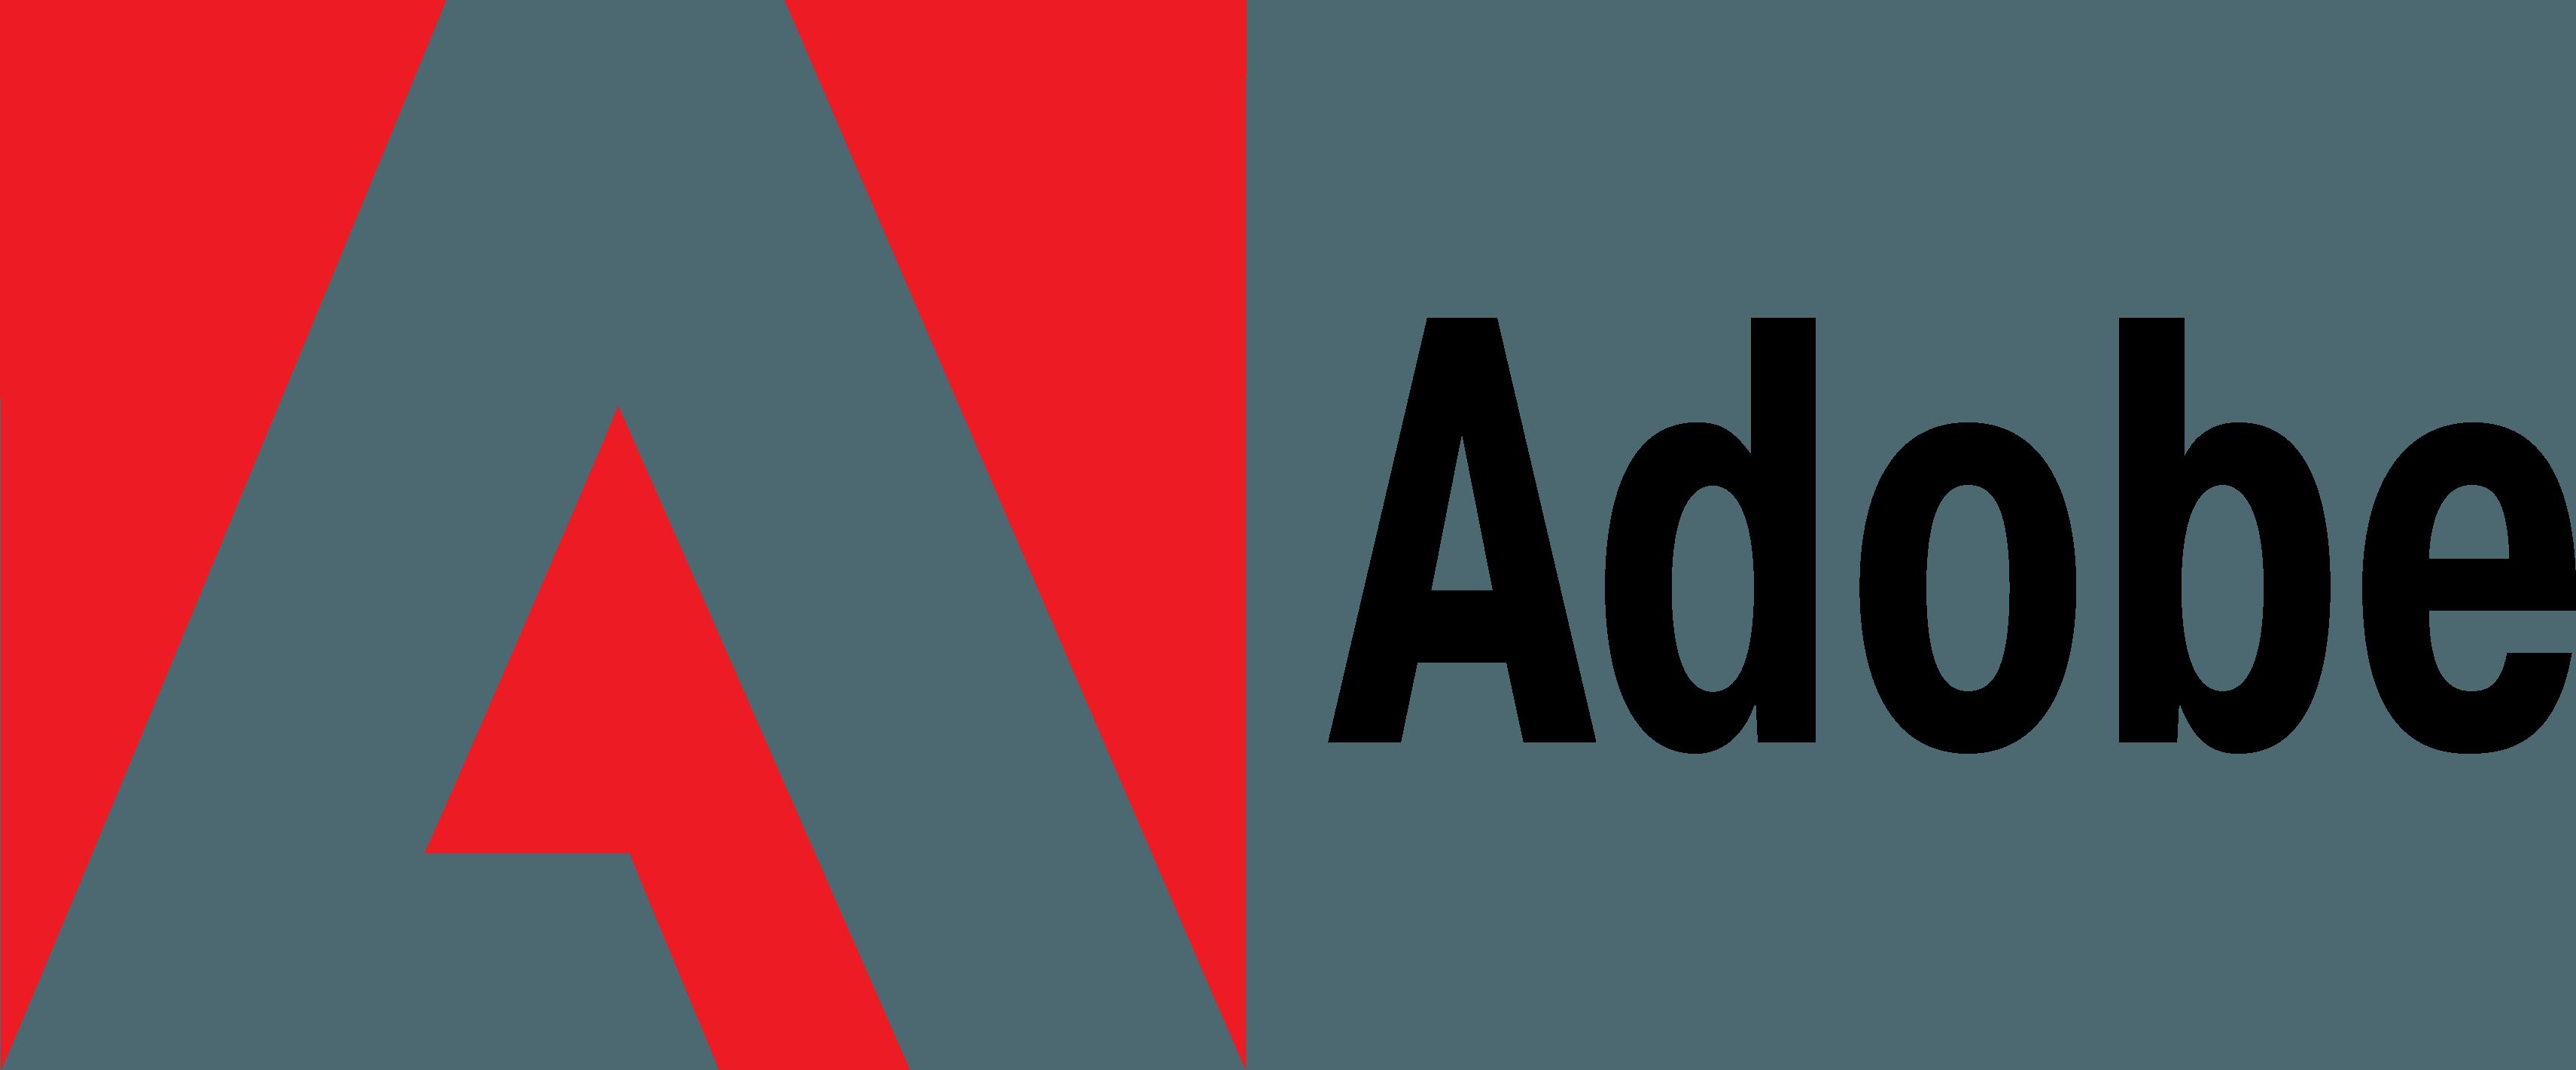 Adobe_logo_PNG5